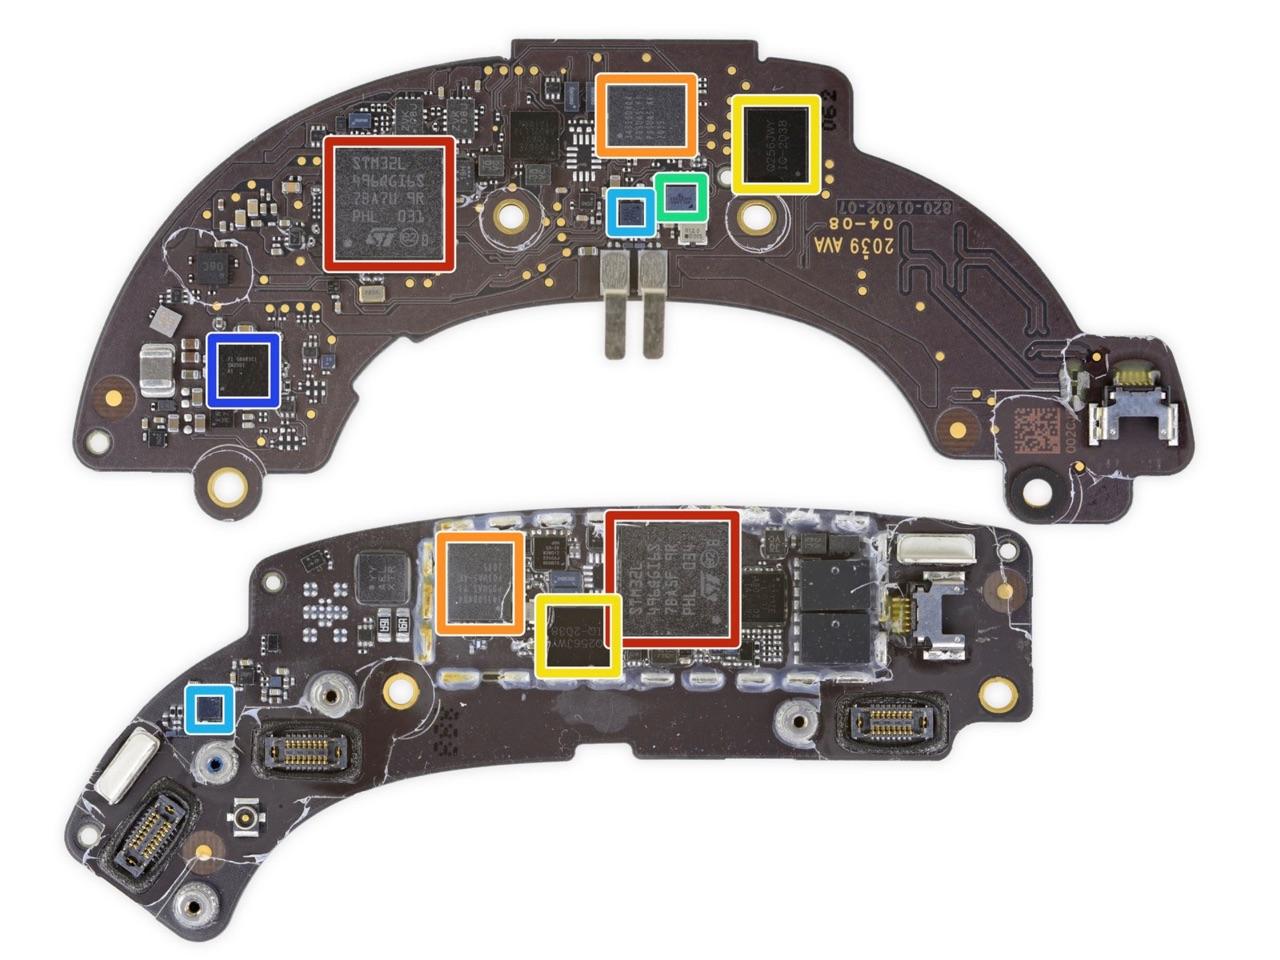 Chips op onderdelen AirPods Max via iFixit teardown.